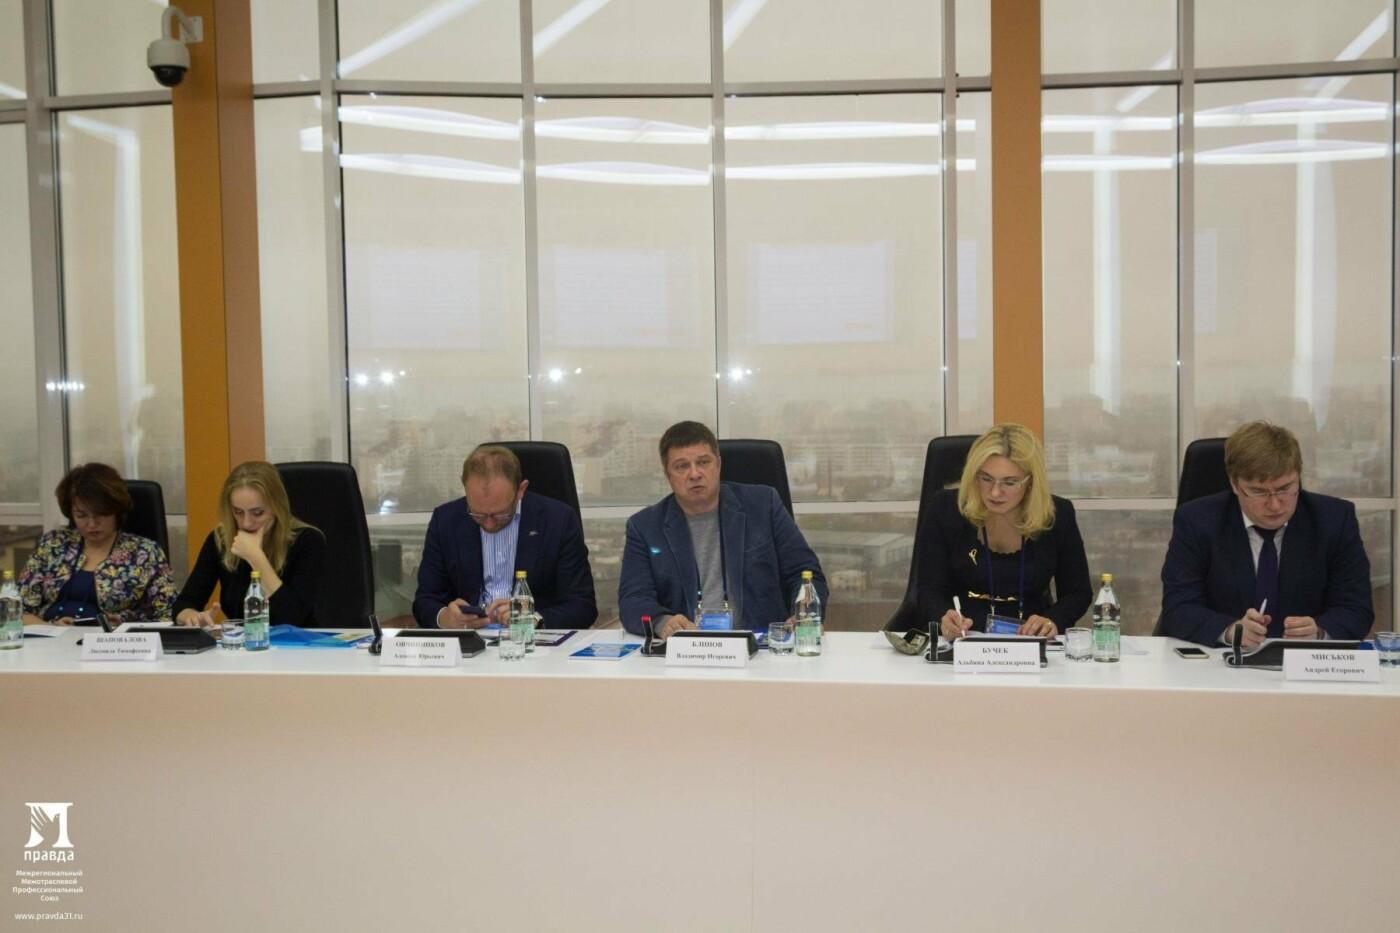 Профсоюз «Правда» принял участие во Всероссийской научно-практической конференции, фото-3